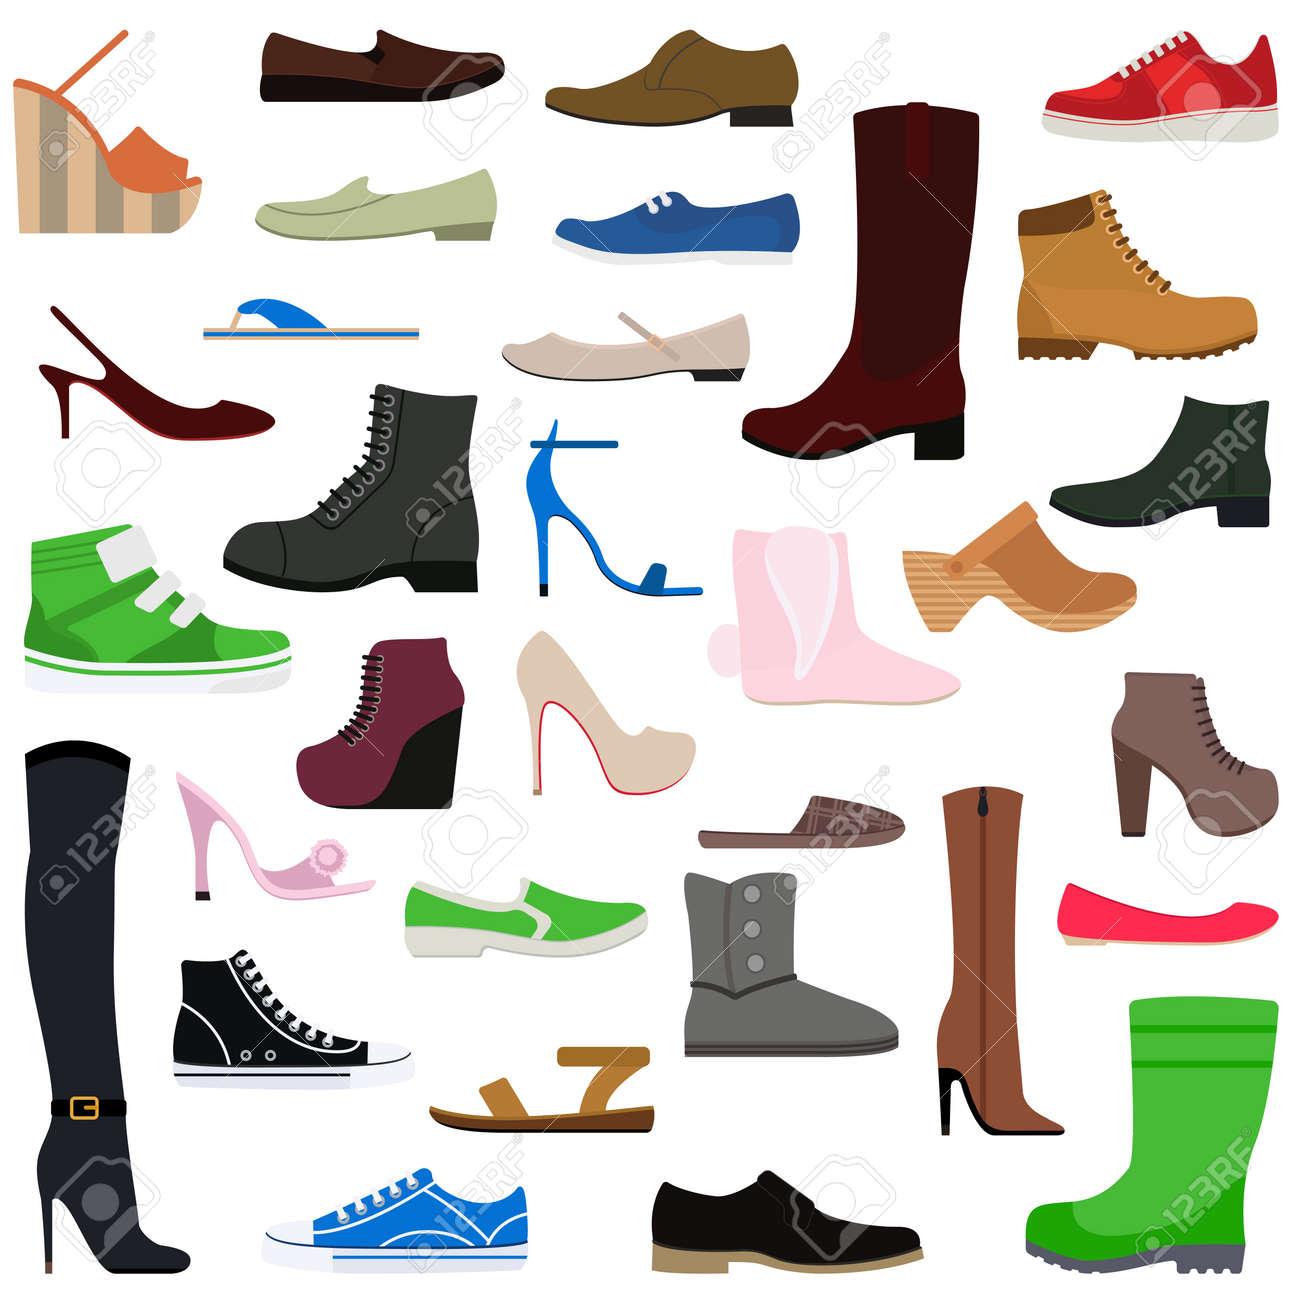 Chaussures femme collection de divers types de femmes vecteur de chaussures illustration isolé. Chaussures isolées chaussures de mode et de chaussures